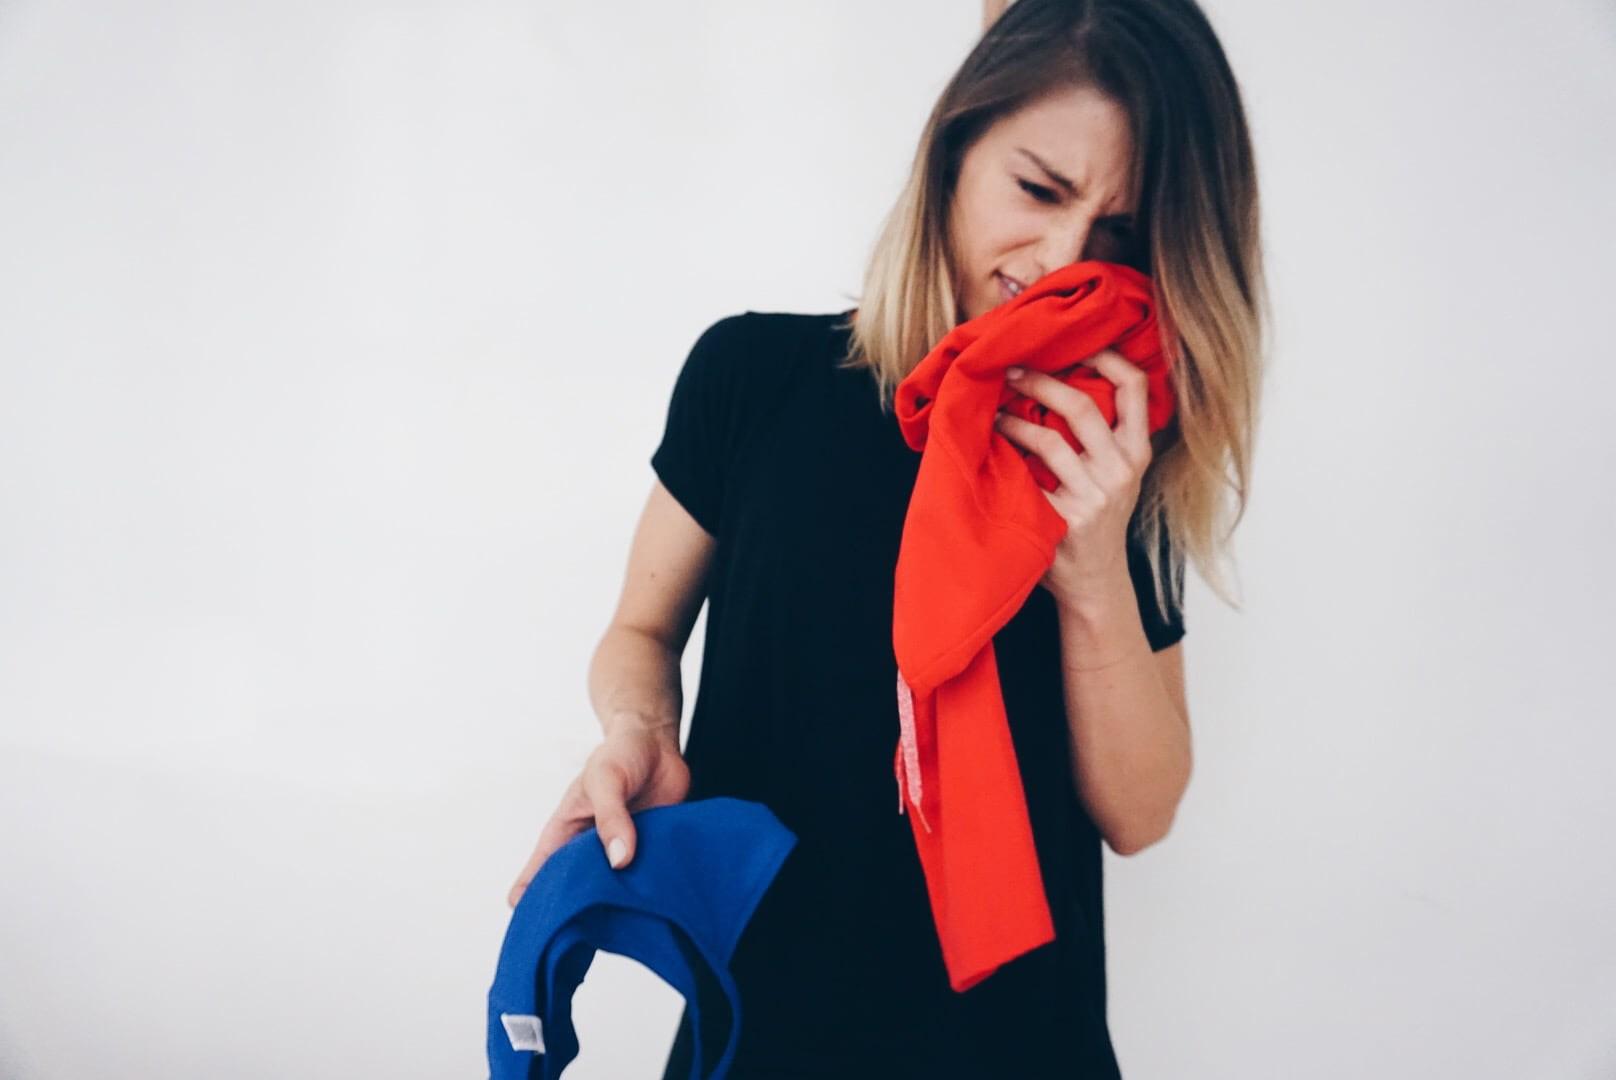 برای رهایی از بوی بد عرق بدن لباسهایی را خریداری کنید که از الیاف طبیعی تولیدشدهاند.